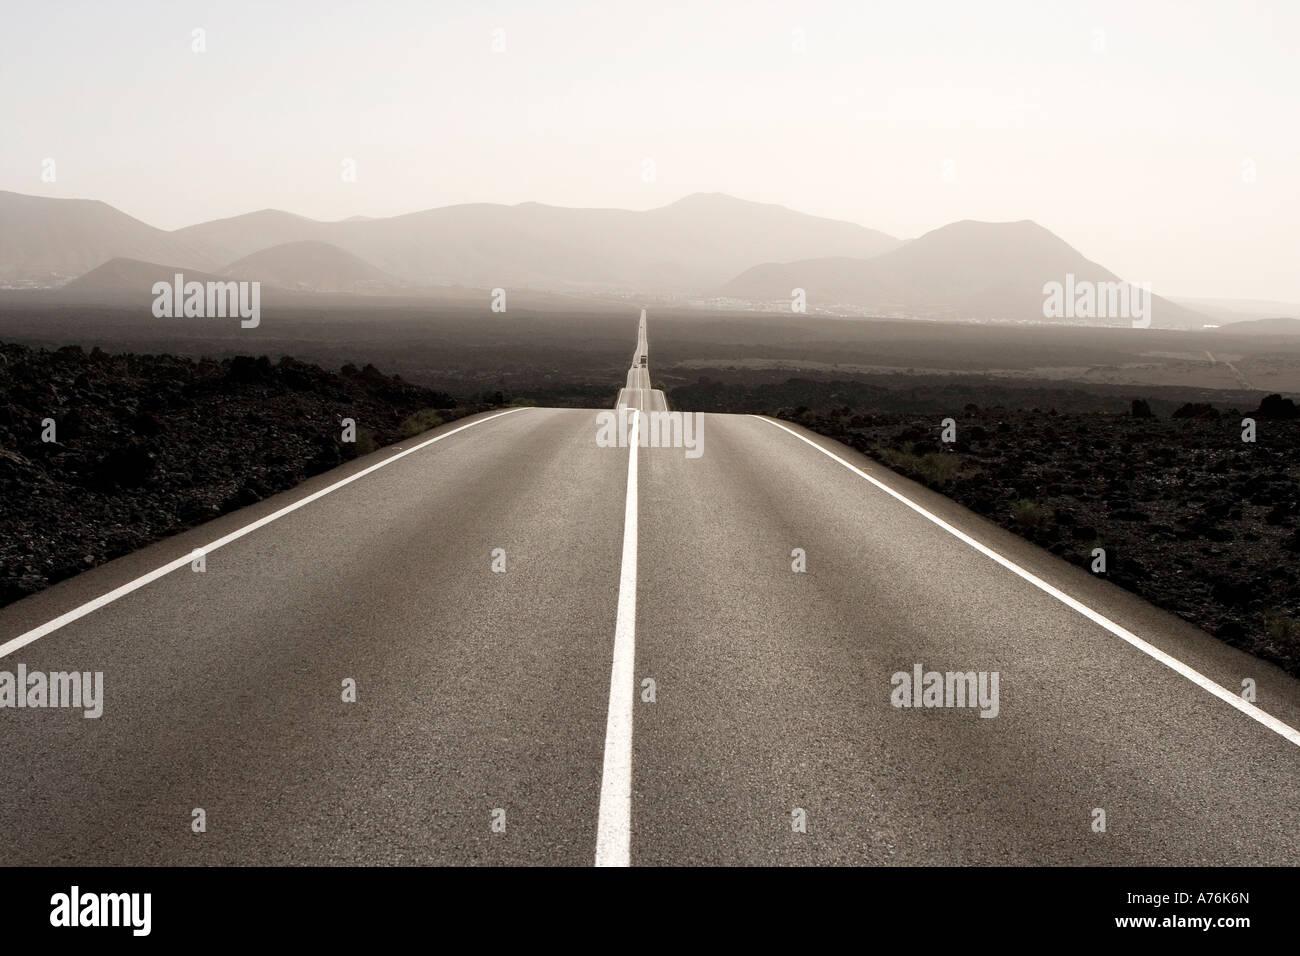 Spain, Lanzarote, empty road through landscape - Stock Image